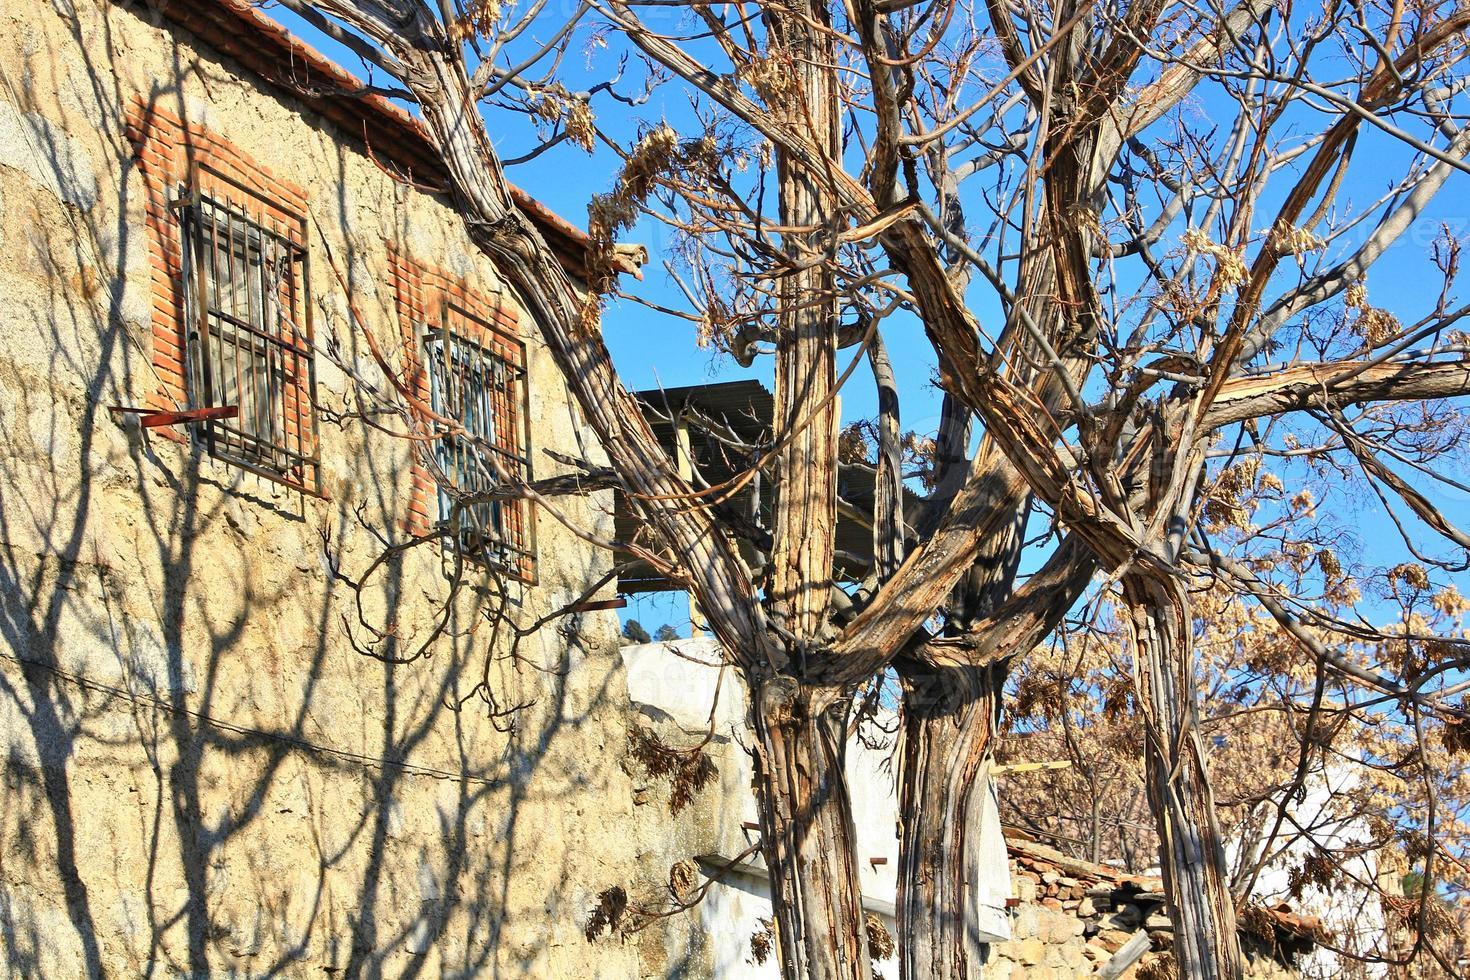 hus med träd framför foto